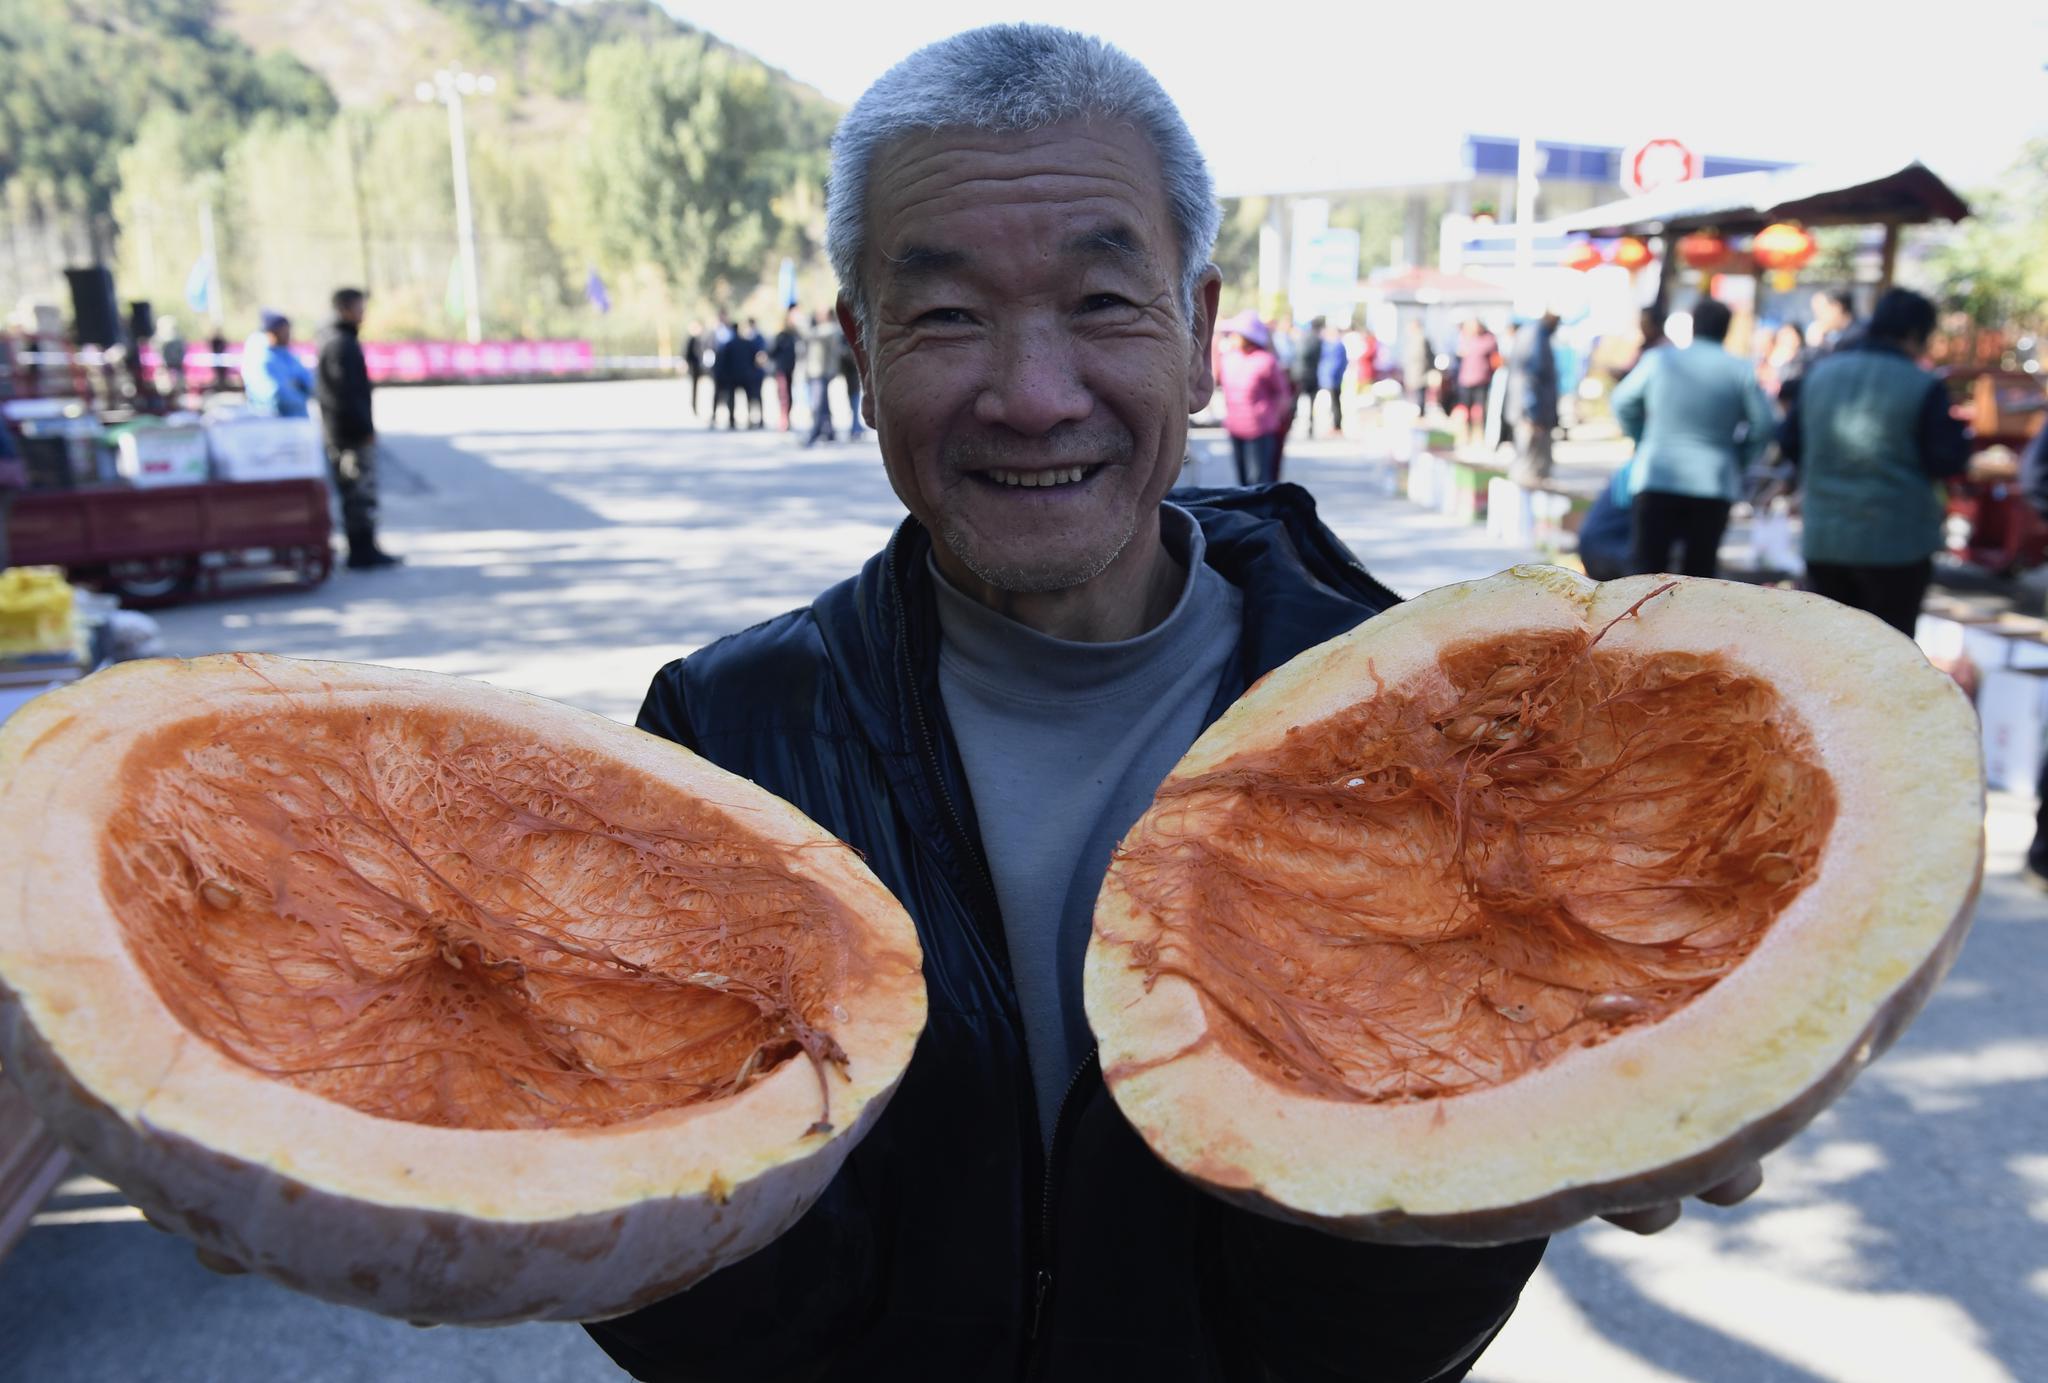 密云新城子万亩苹果成熟,邀市民采摘